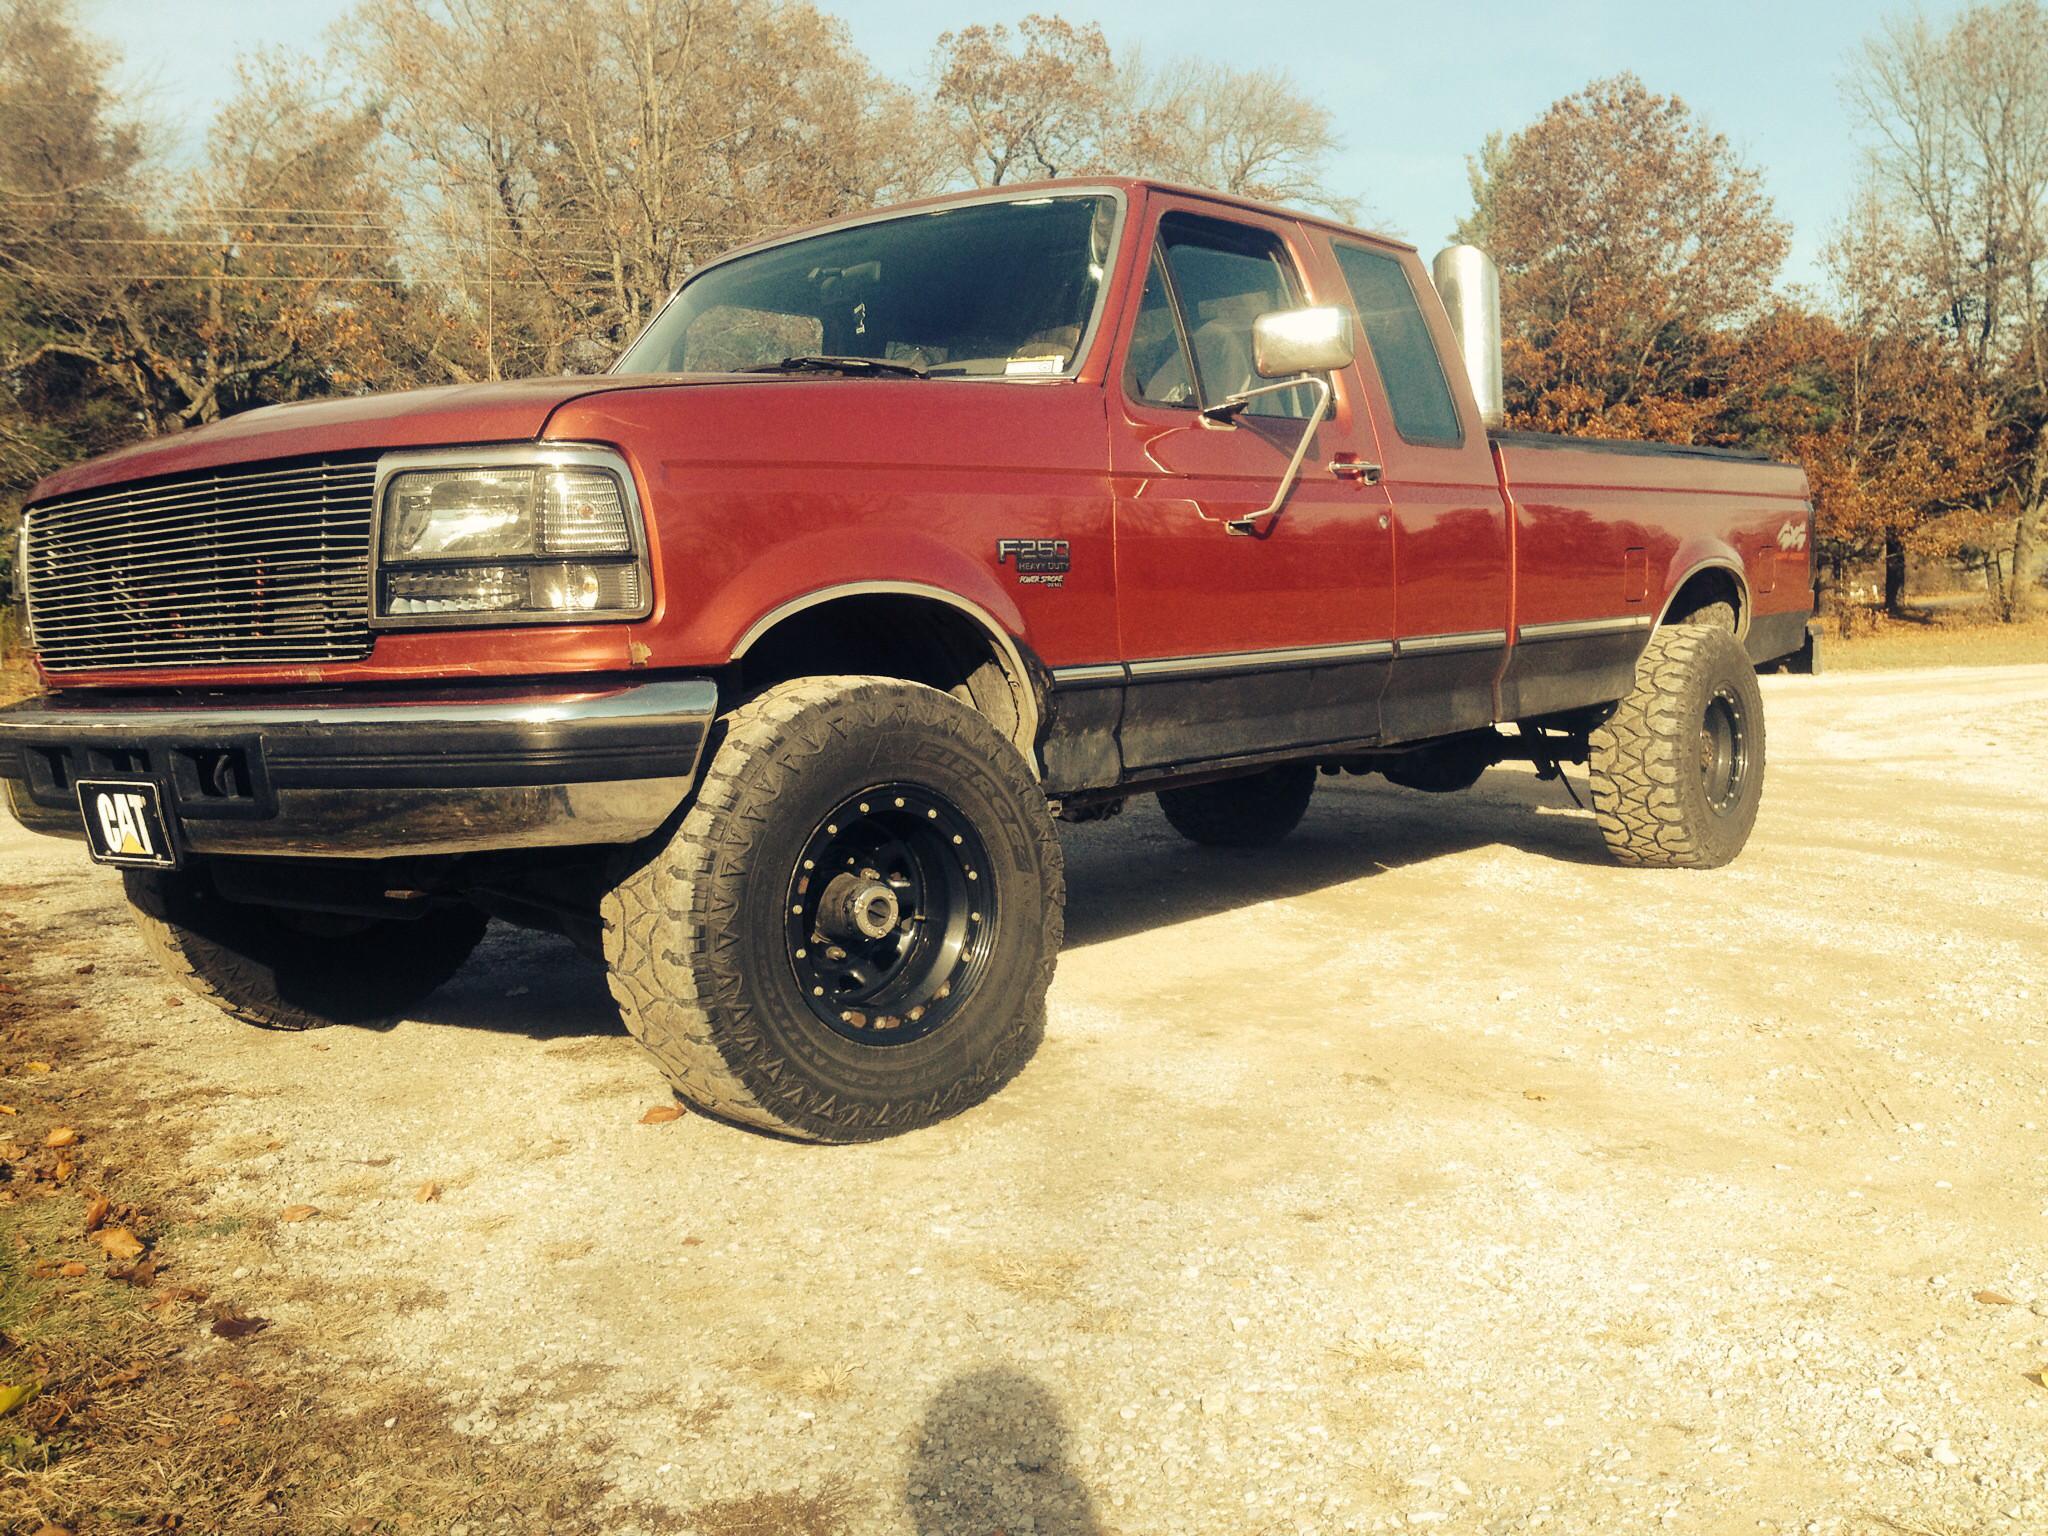 #obs#ford#diesel#truck#7.3#powerstroke